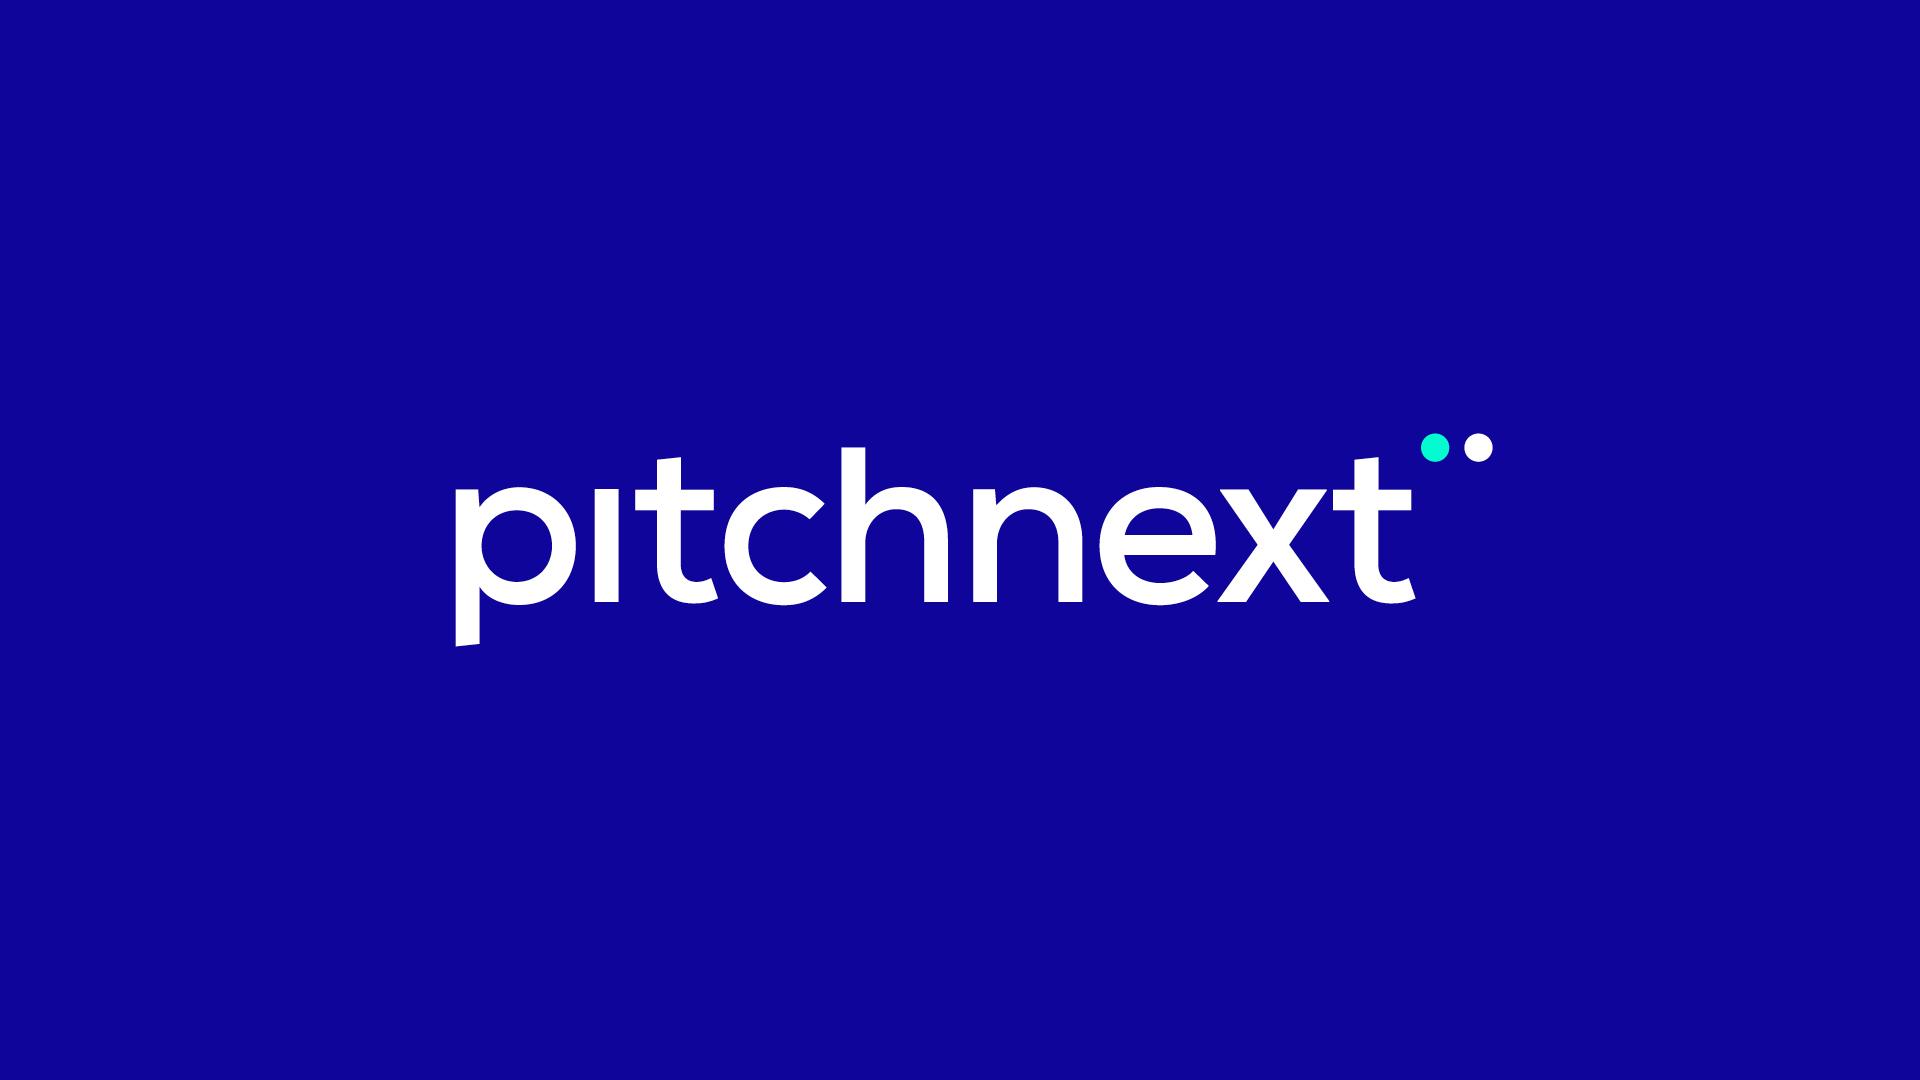 VISEE_Pitchnext_CD-Entwicklung_Praesentation_v01